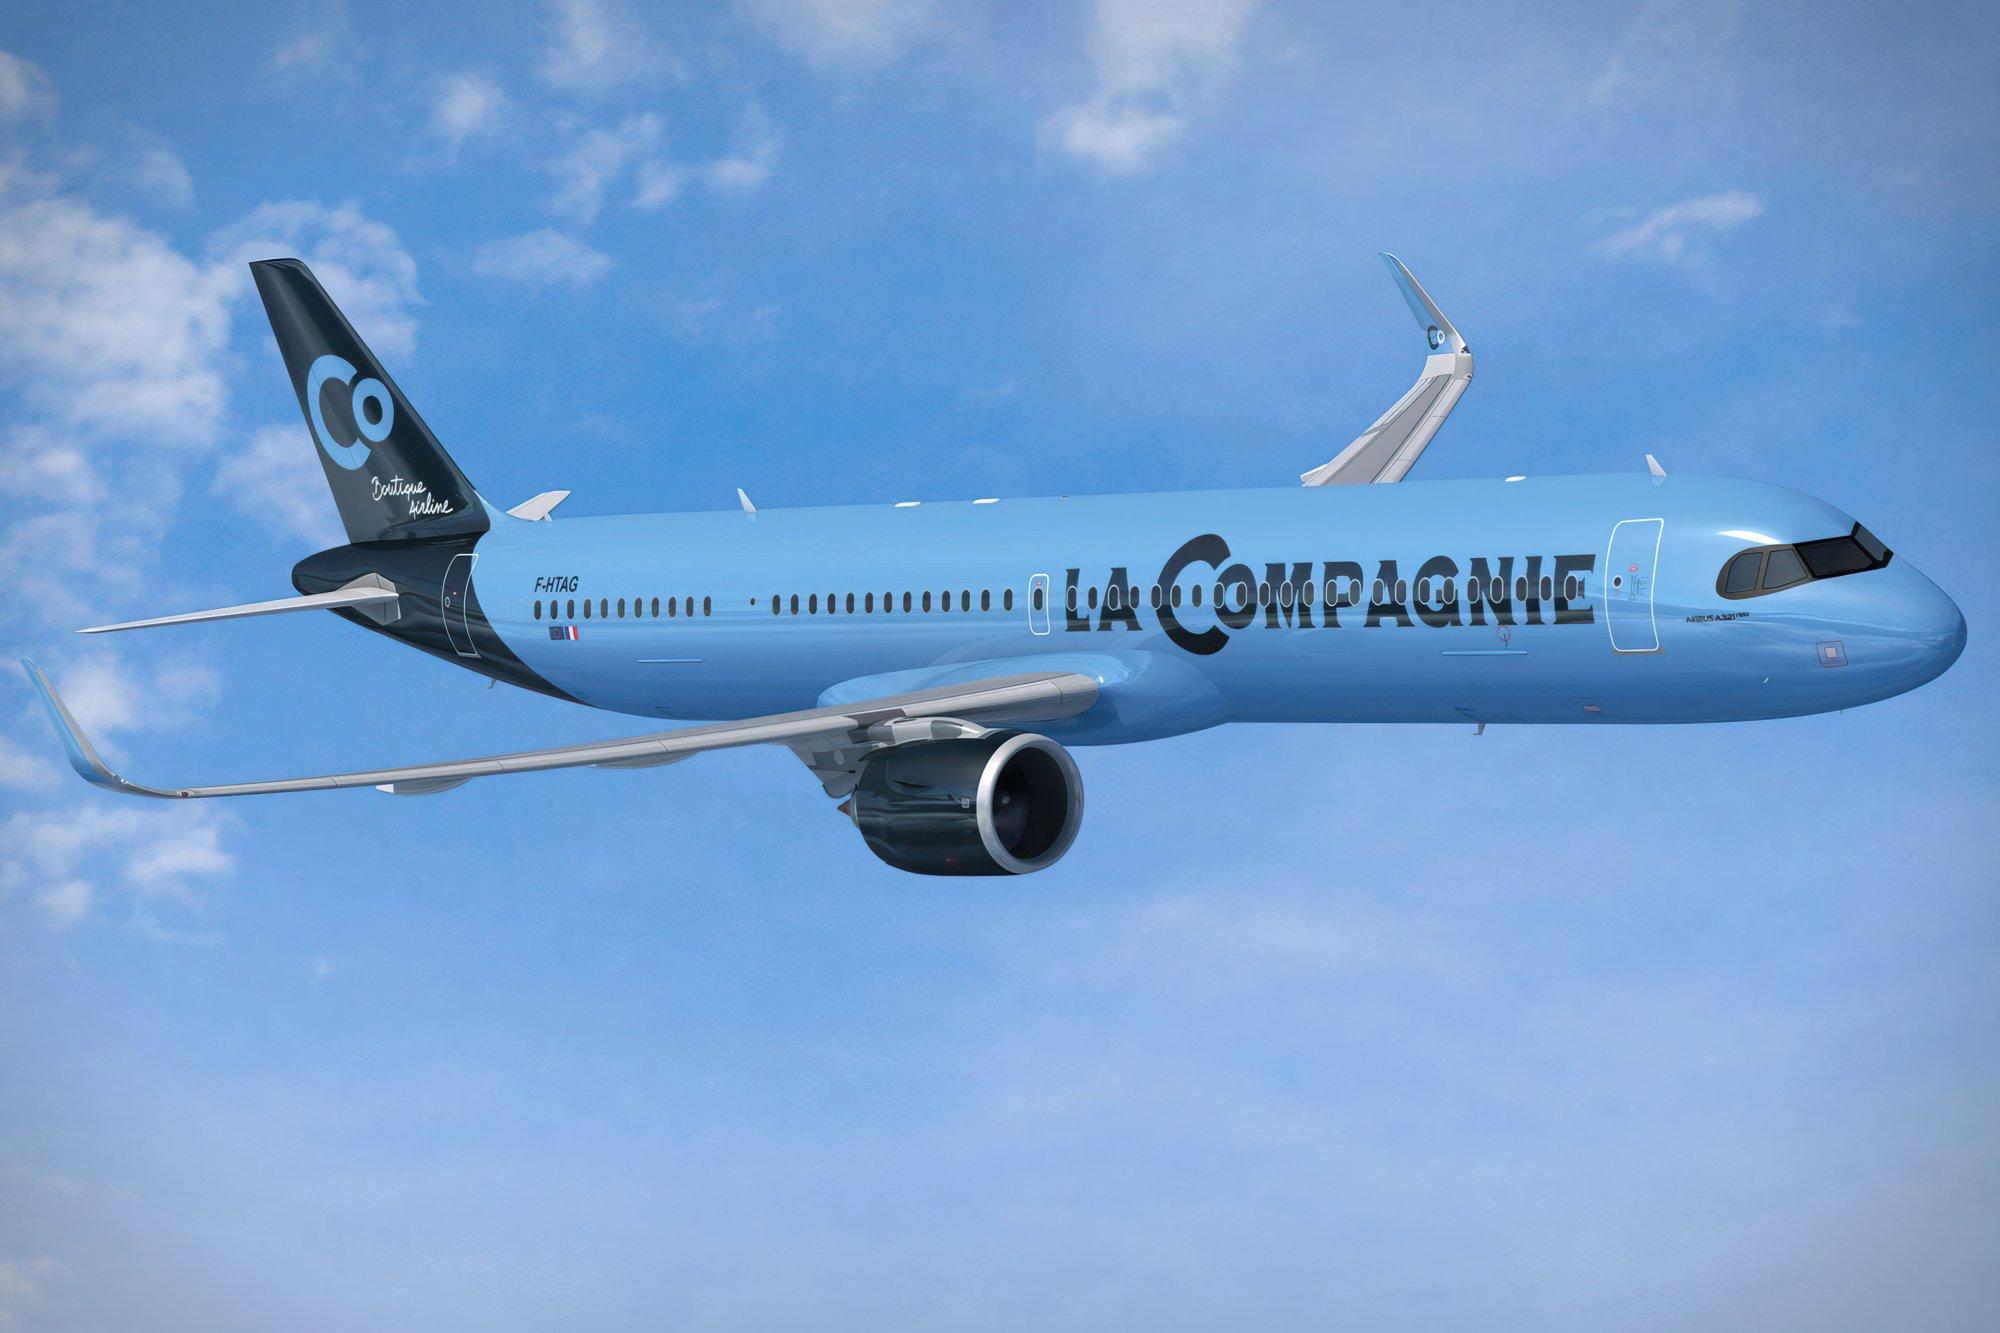 La aerolínea La Compagnie lanzará vuelos Tel Aviv-París-Newark